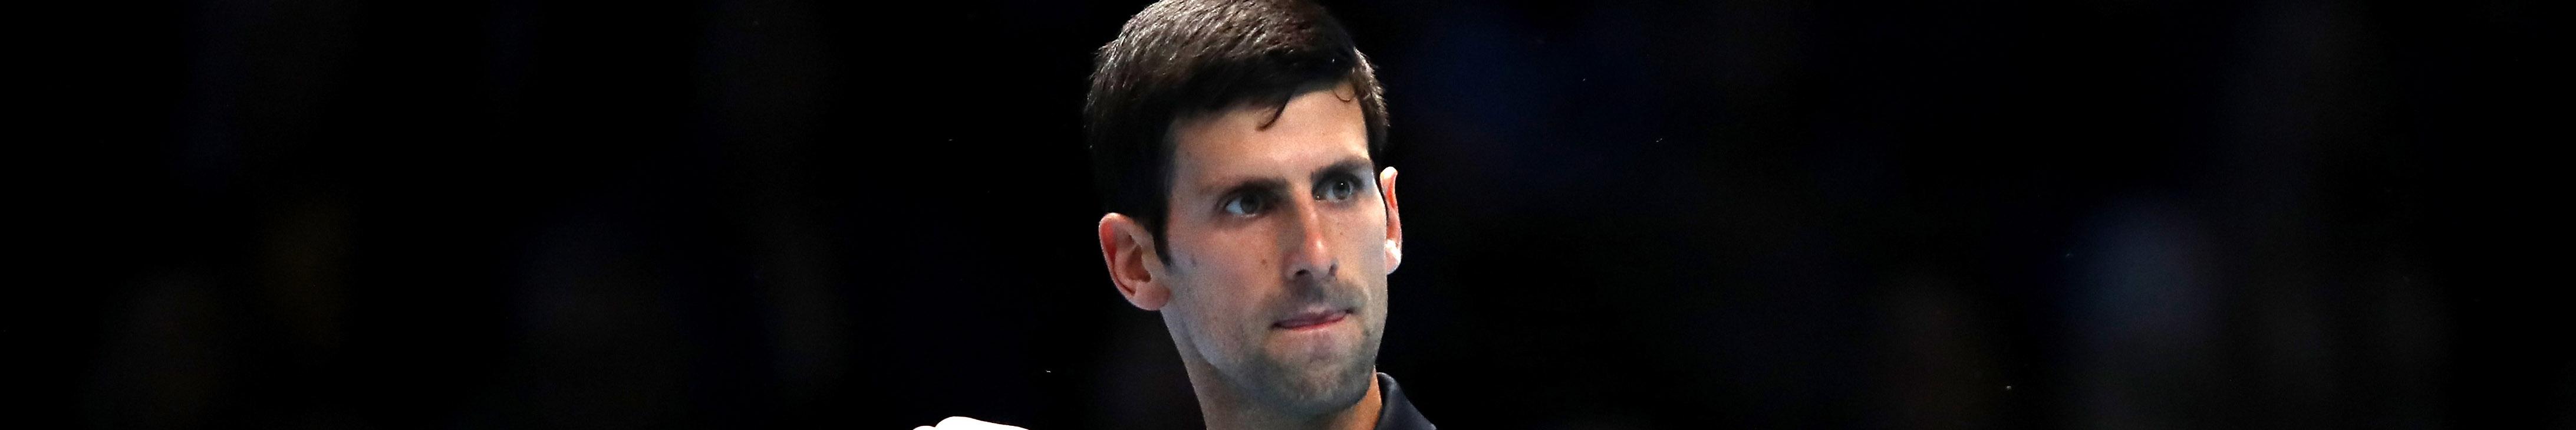 ATP Finals: Das sagt die Setzliste wirklich aus